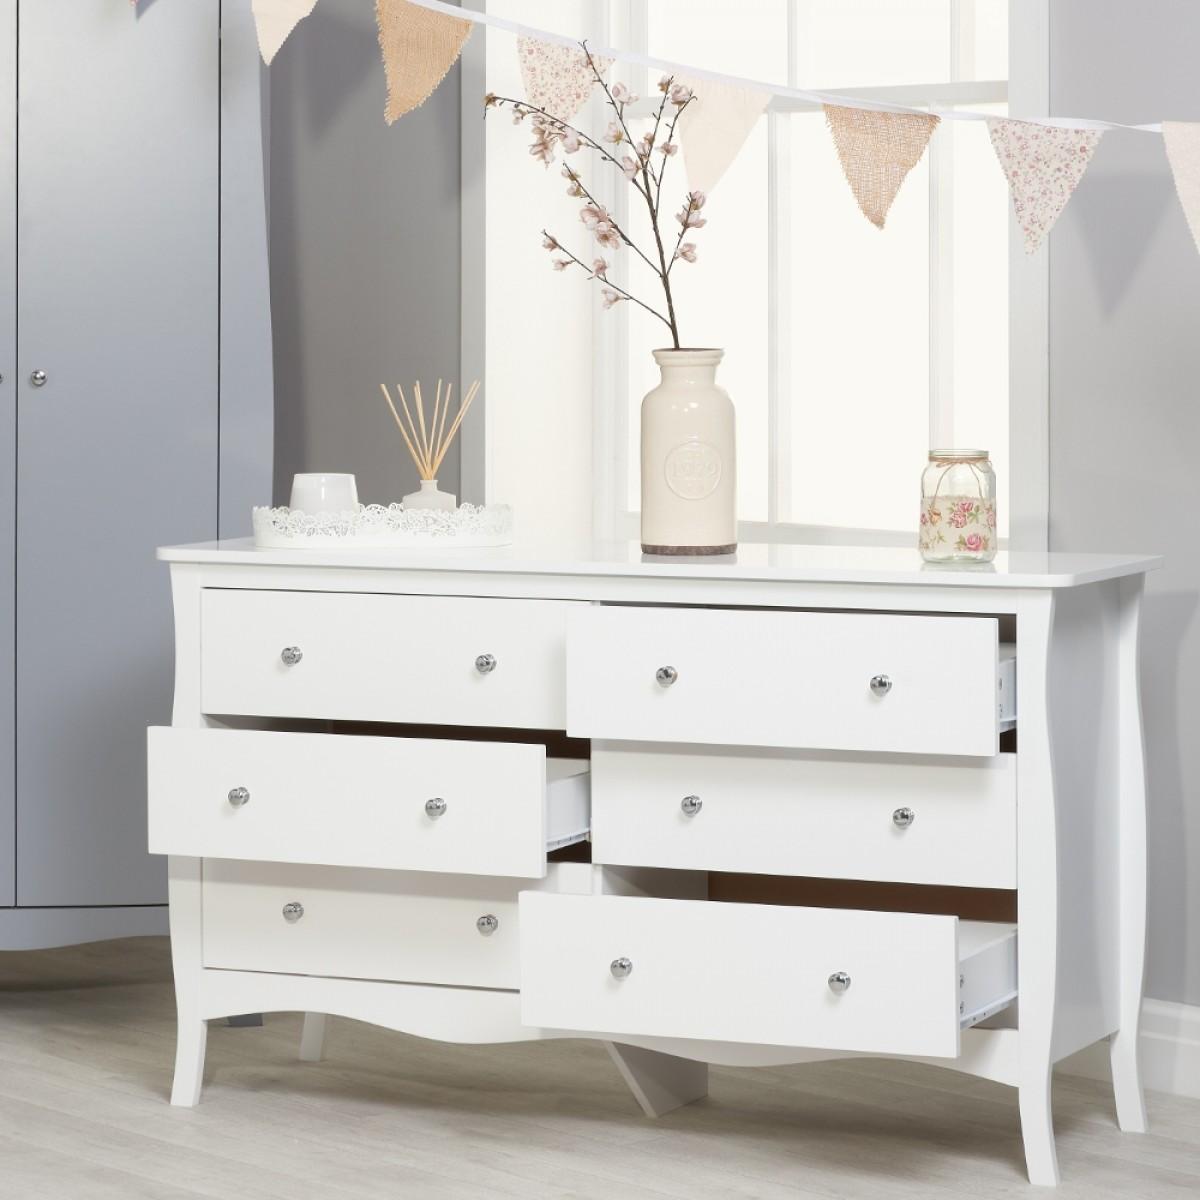 Paris White Wooden 6 Drawer Chest